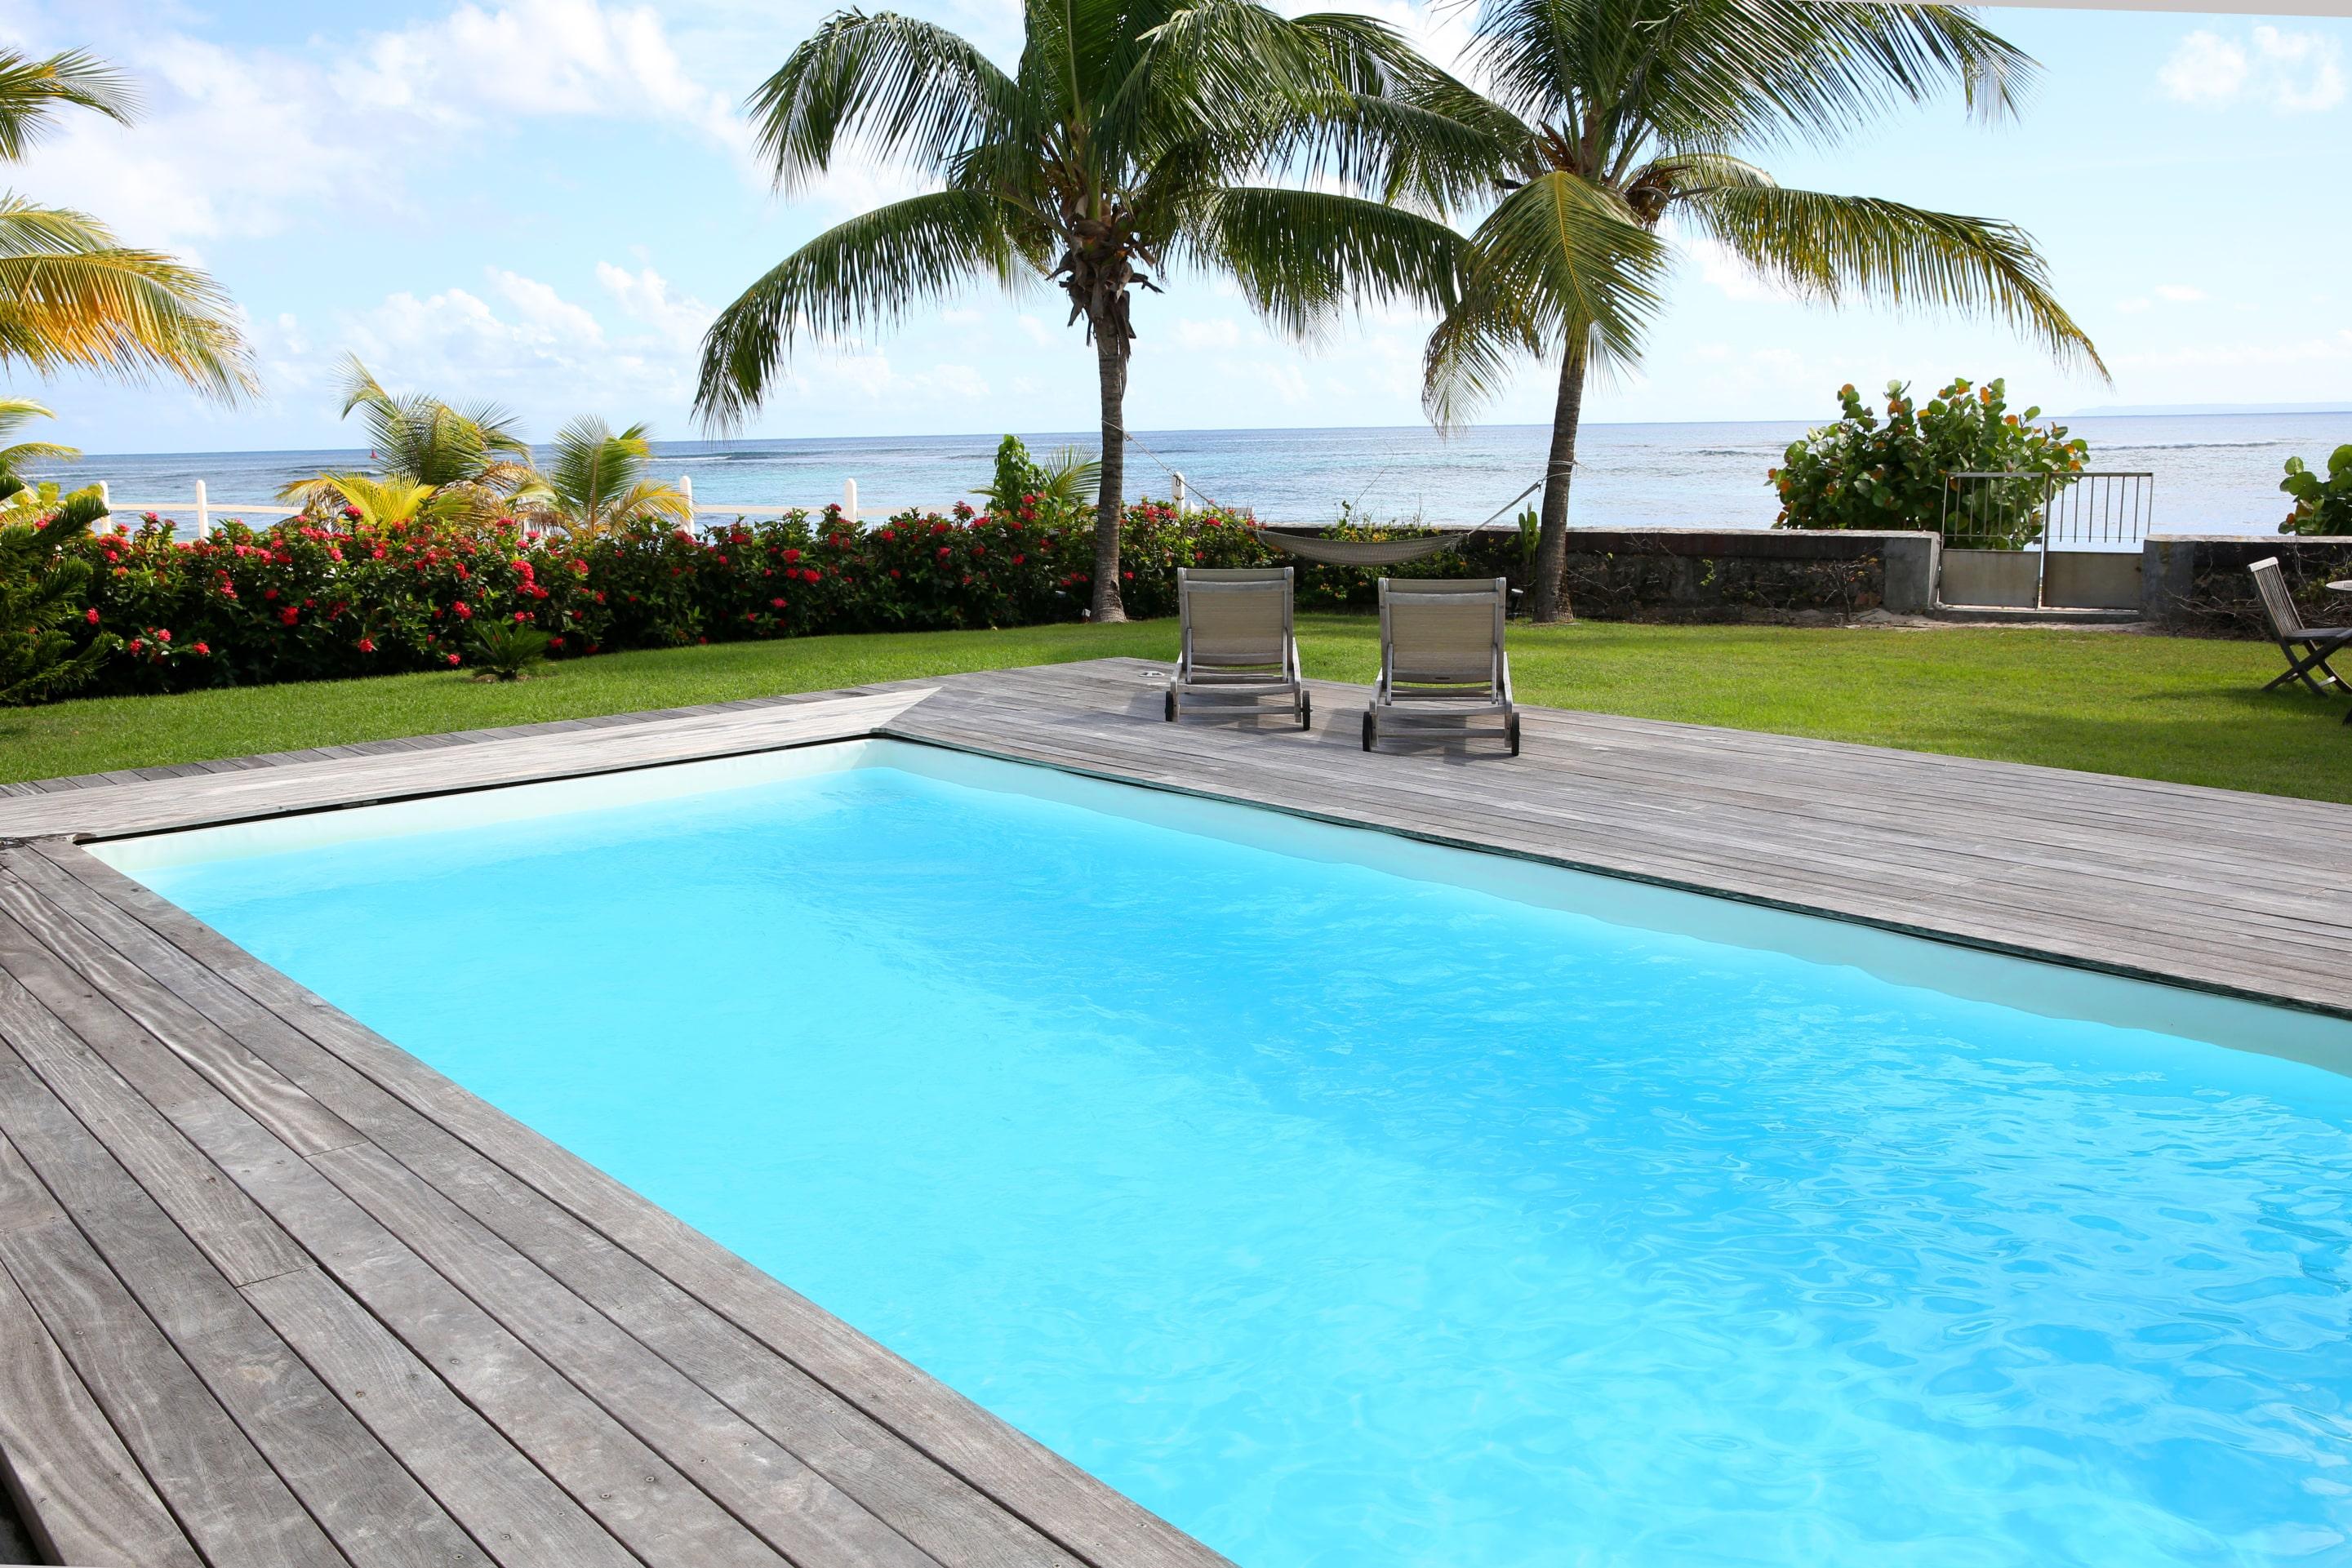 Piscine - Prix pompe a chaleur pour piscine ...